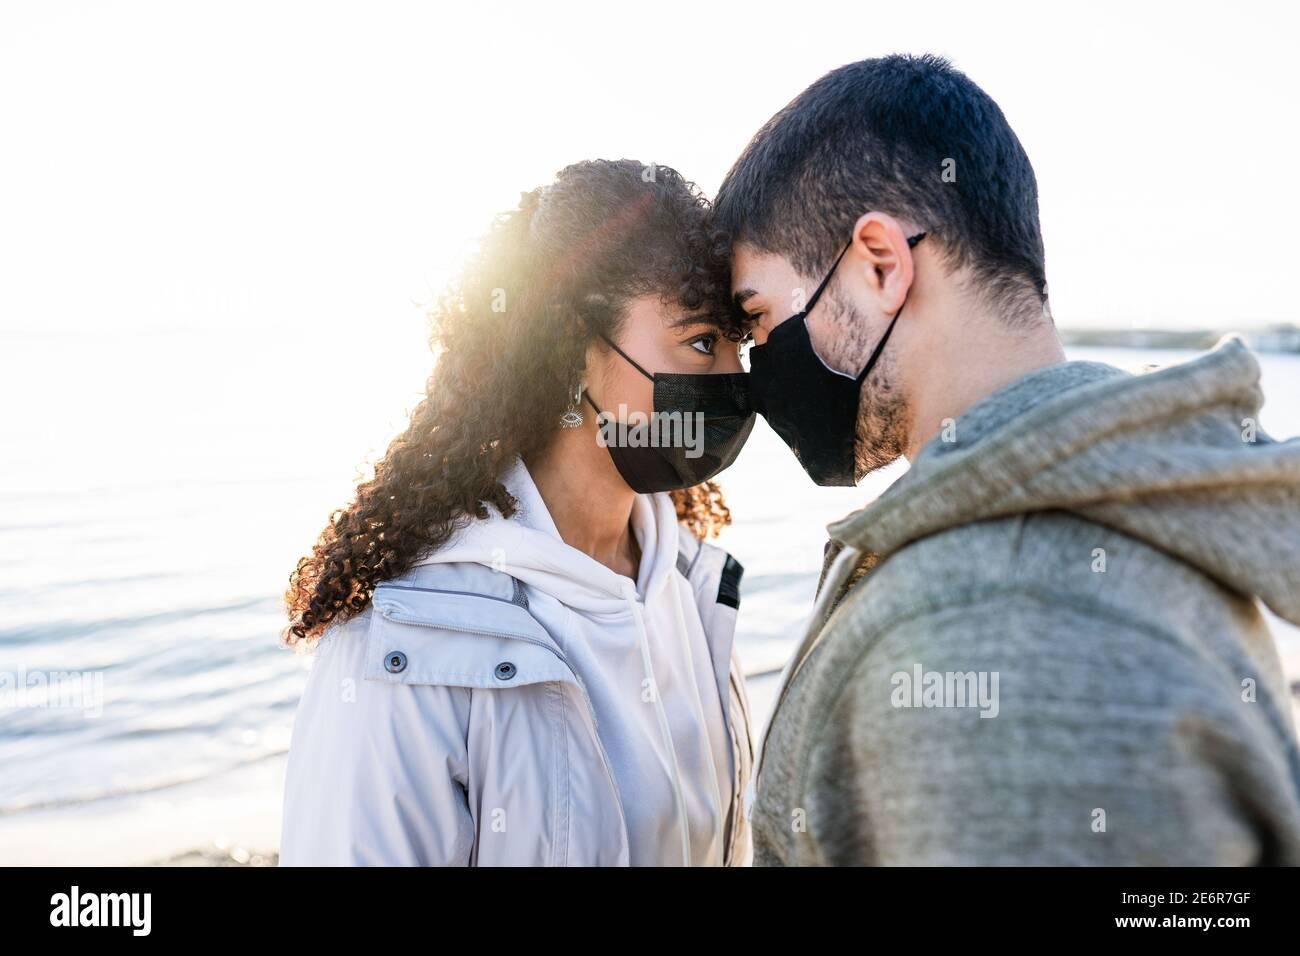 Nueva pareja normal en problemas de amor debido a distanciamiento social: Hombre y novia mirando en los ojos uno a otro cabeza con el sol de puesta refl Foto de stock